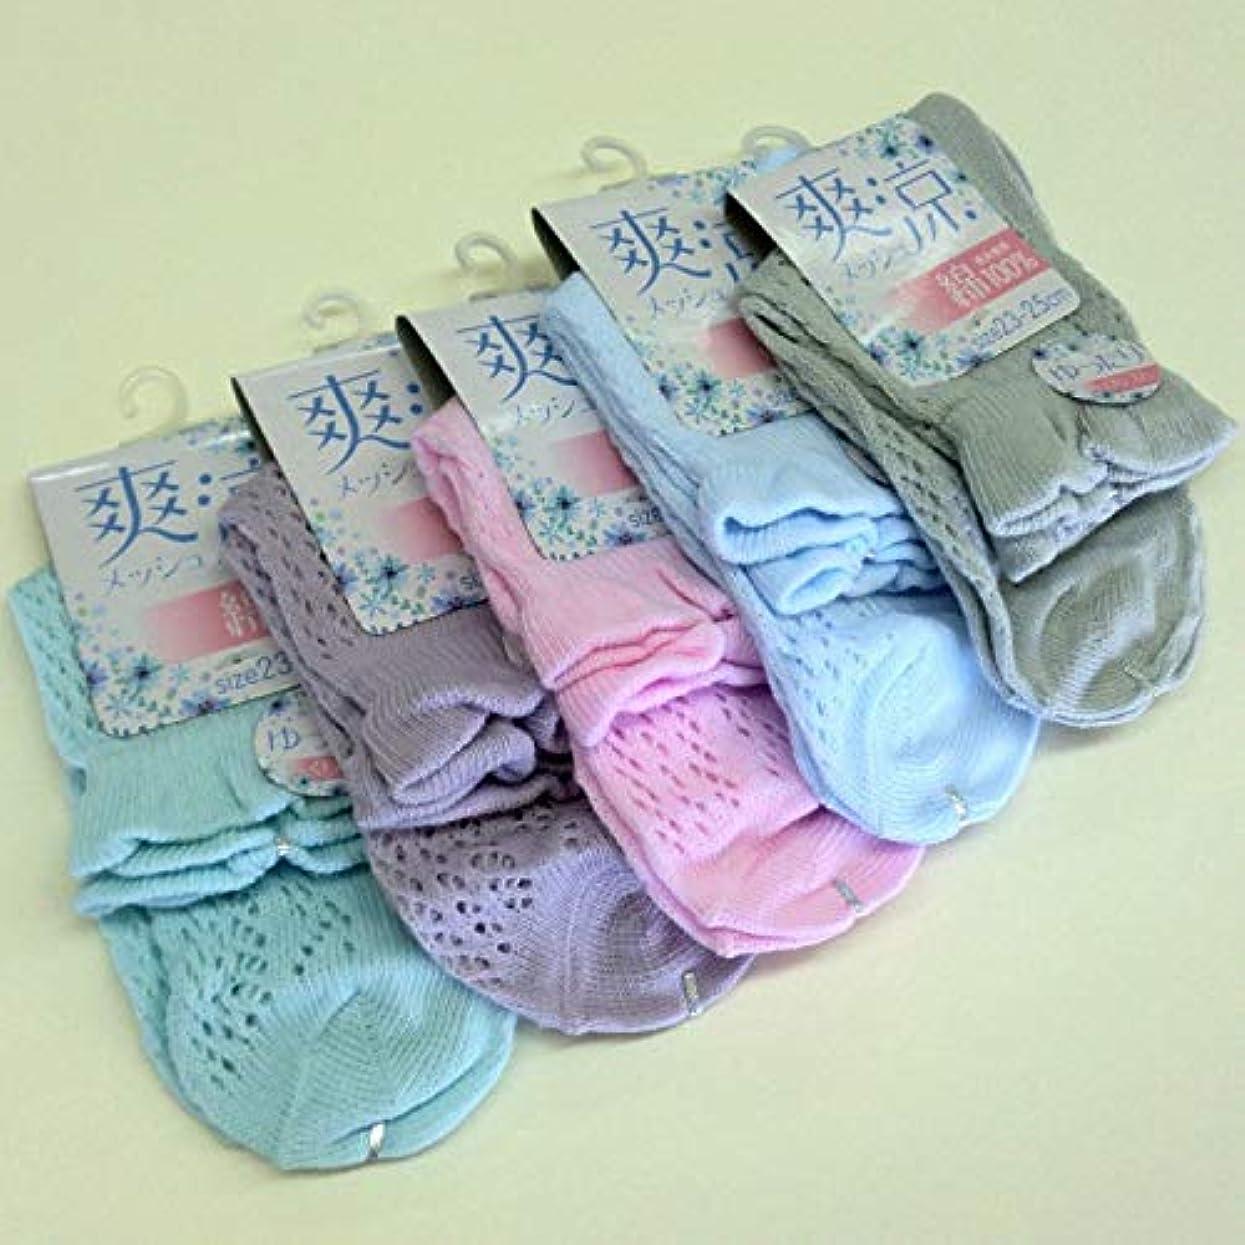 万歳また明日ねいたずら靴下 レディース 夏 表糸綿100% 涼しいルミーソックス セット 5色5足組